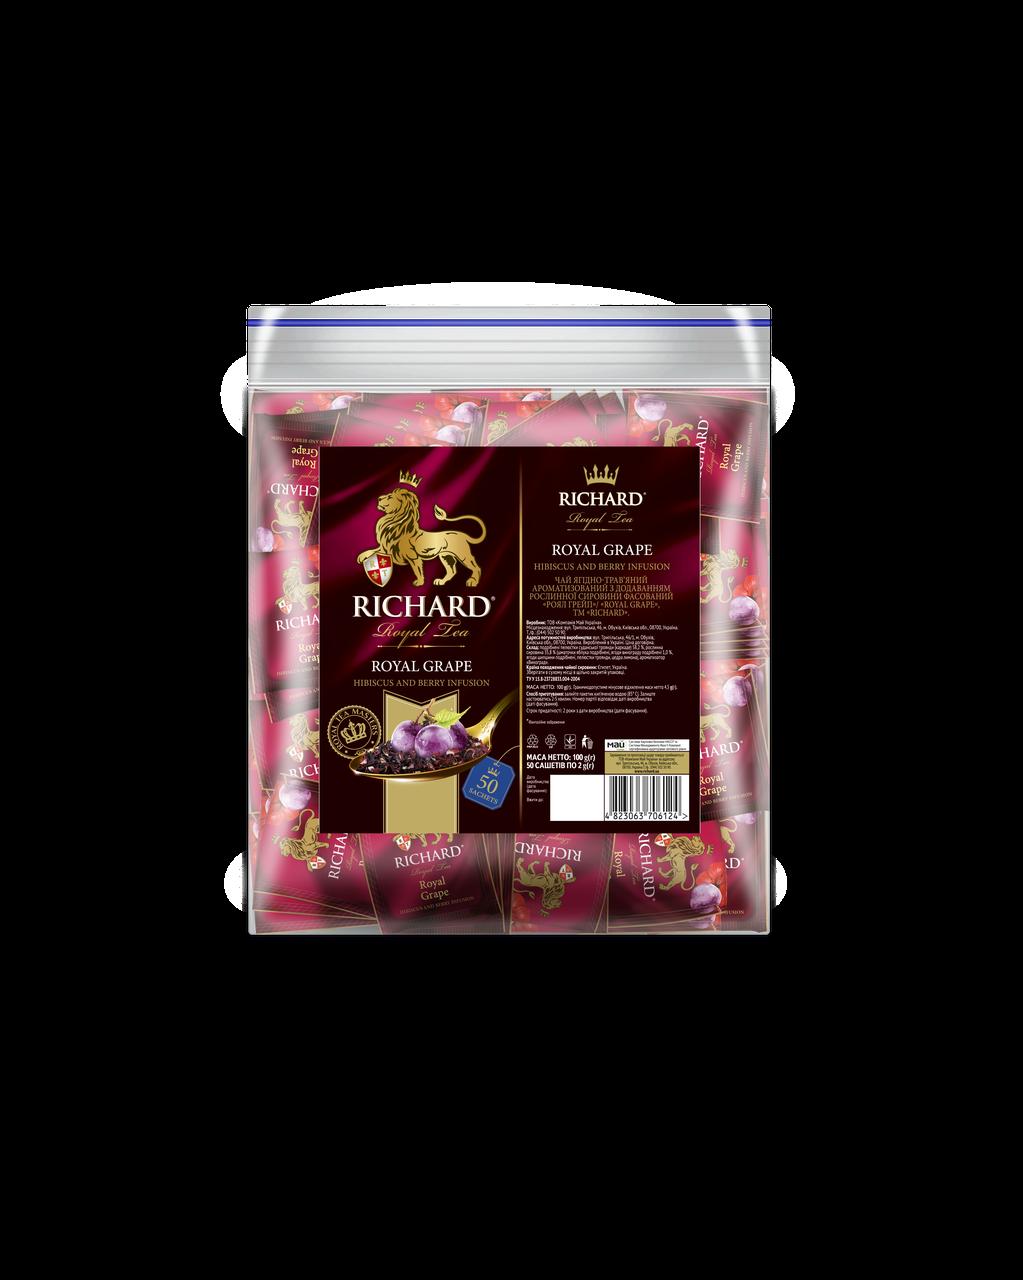 """Чай ягодно-травяной со вкусом винограда и шиповника в сашетах Ричард (Richard) """"Royal Grape"""", 50 сашетов"""